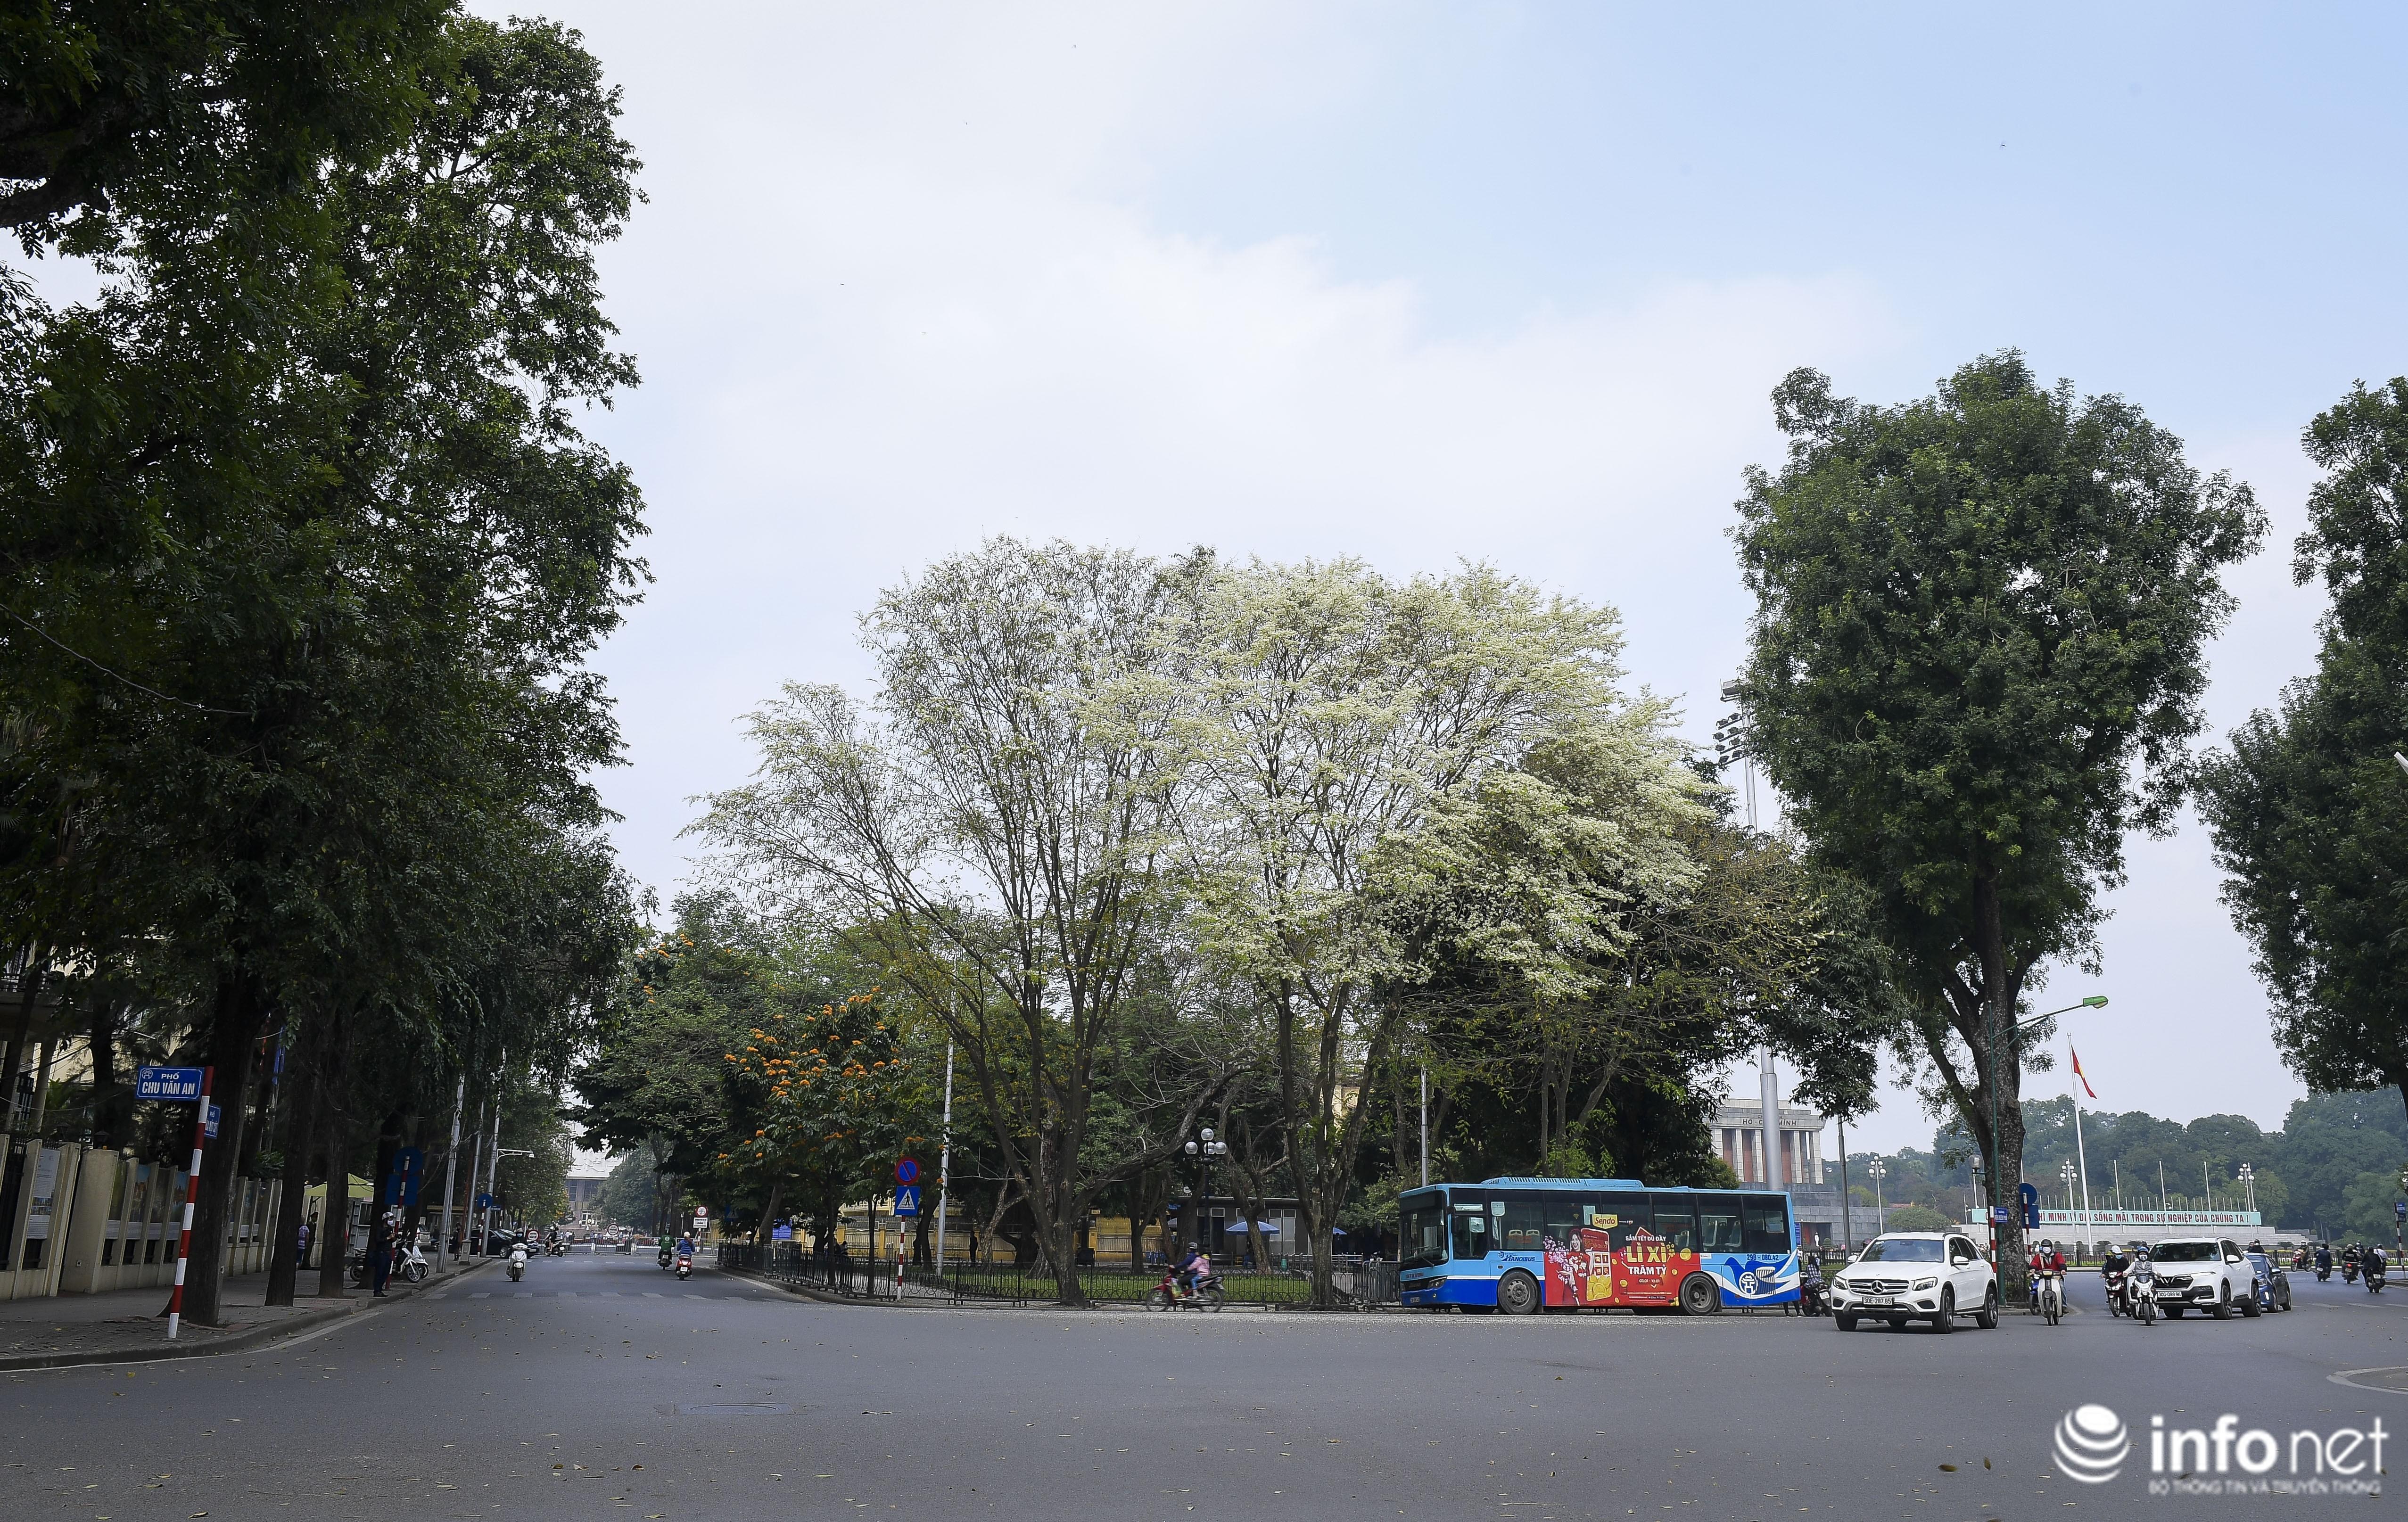 Ngắm hoa sưa nở trắng phố phường Hà Nội Ảnh 1